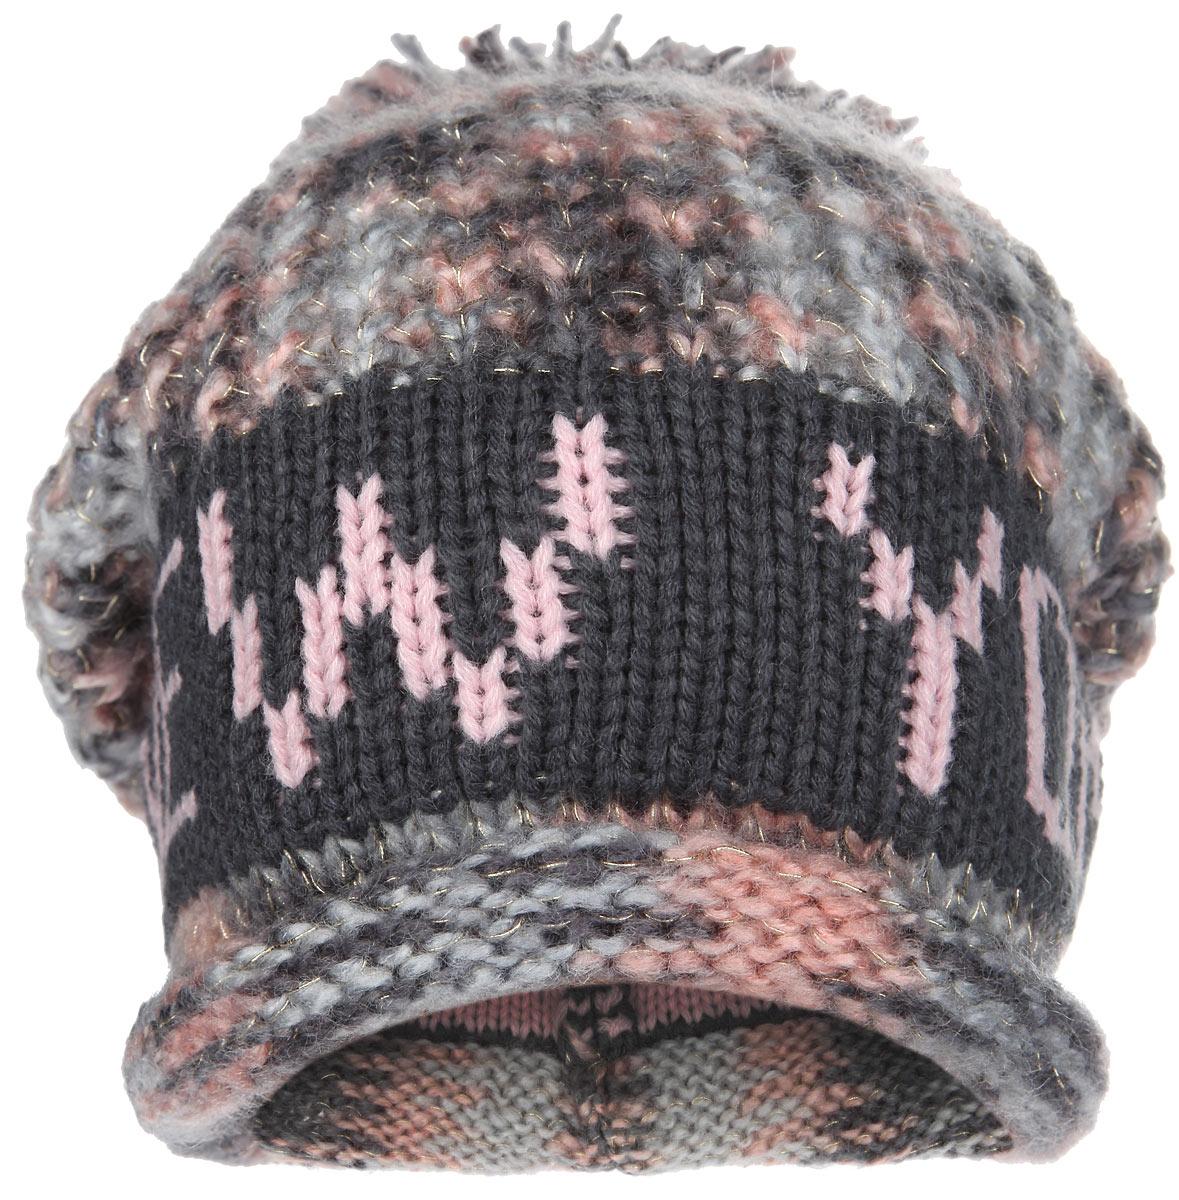 Шапка New York. HNY156HNY156-AСтильная шапка Robin Ruth с вязаной надписью New York приятно дополнит ваш образ в холодную погоду. Шапка подходит для повседневной носки и для активного зимнего отдыха, а также в качестве подарка вашим родным и знакомым. Шапка с подвернутым краем оформлена помпоном. Теплая шапка станет отличным дополнением к вашему гардеробу, в ней вам будет уютно и тепло!